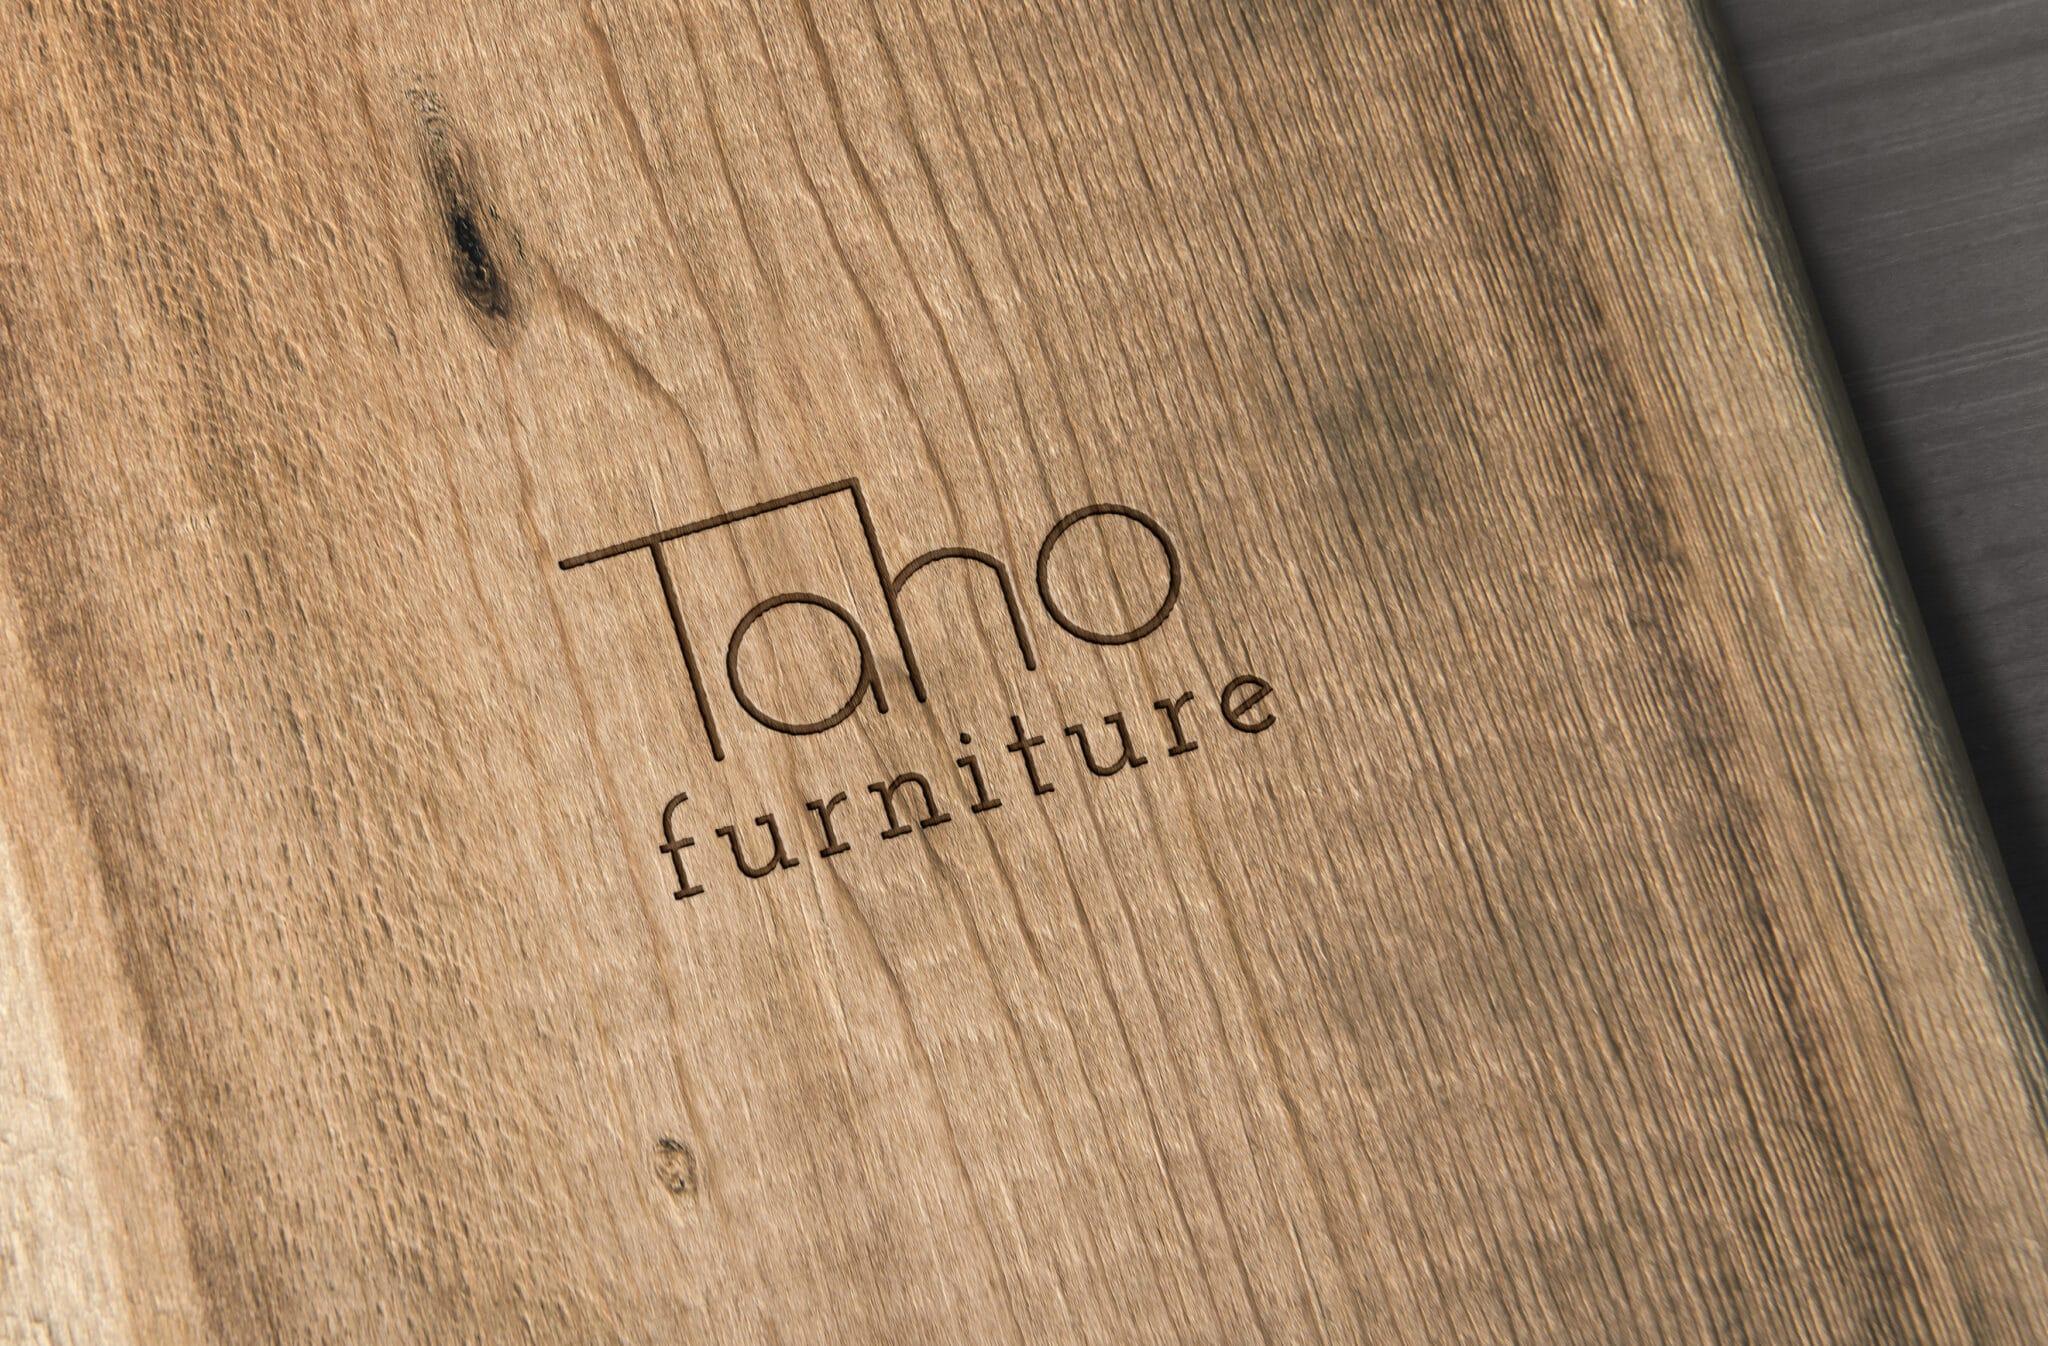 Taho Furniture logo